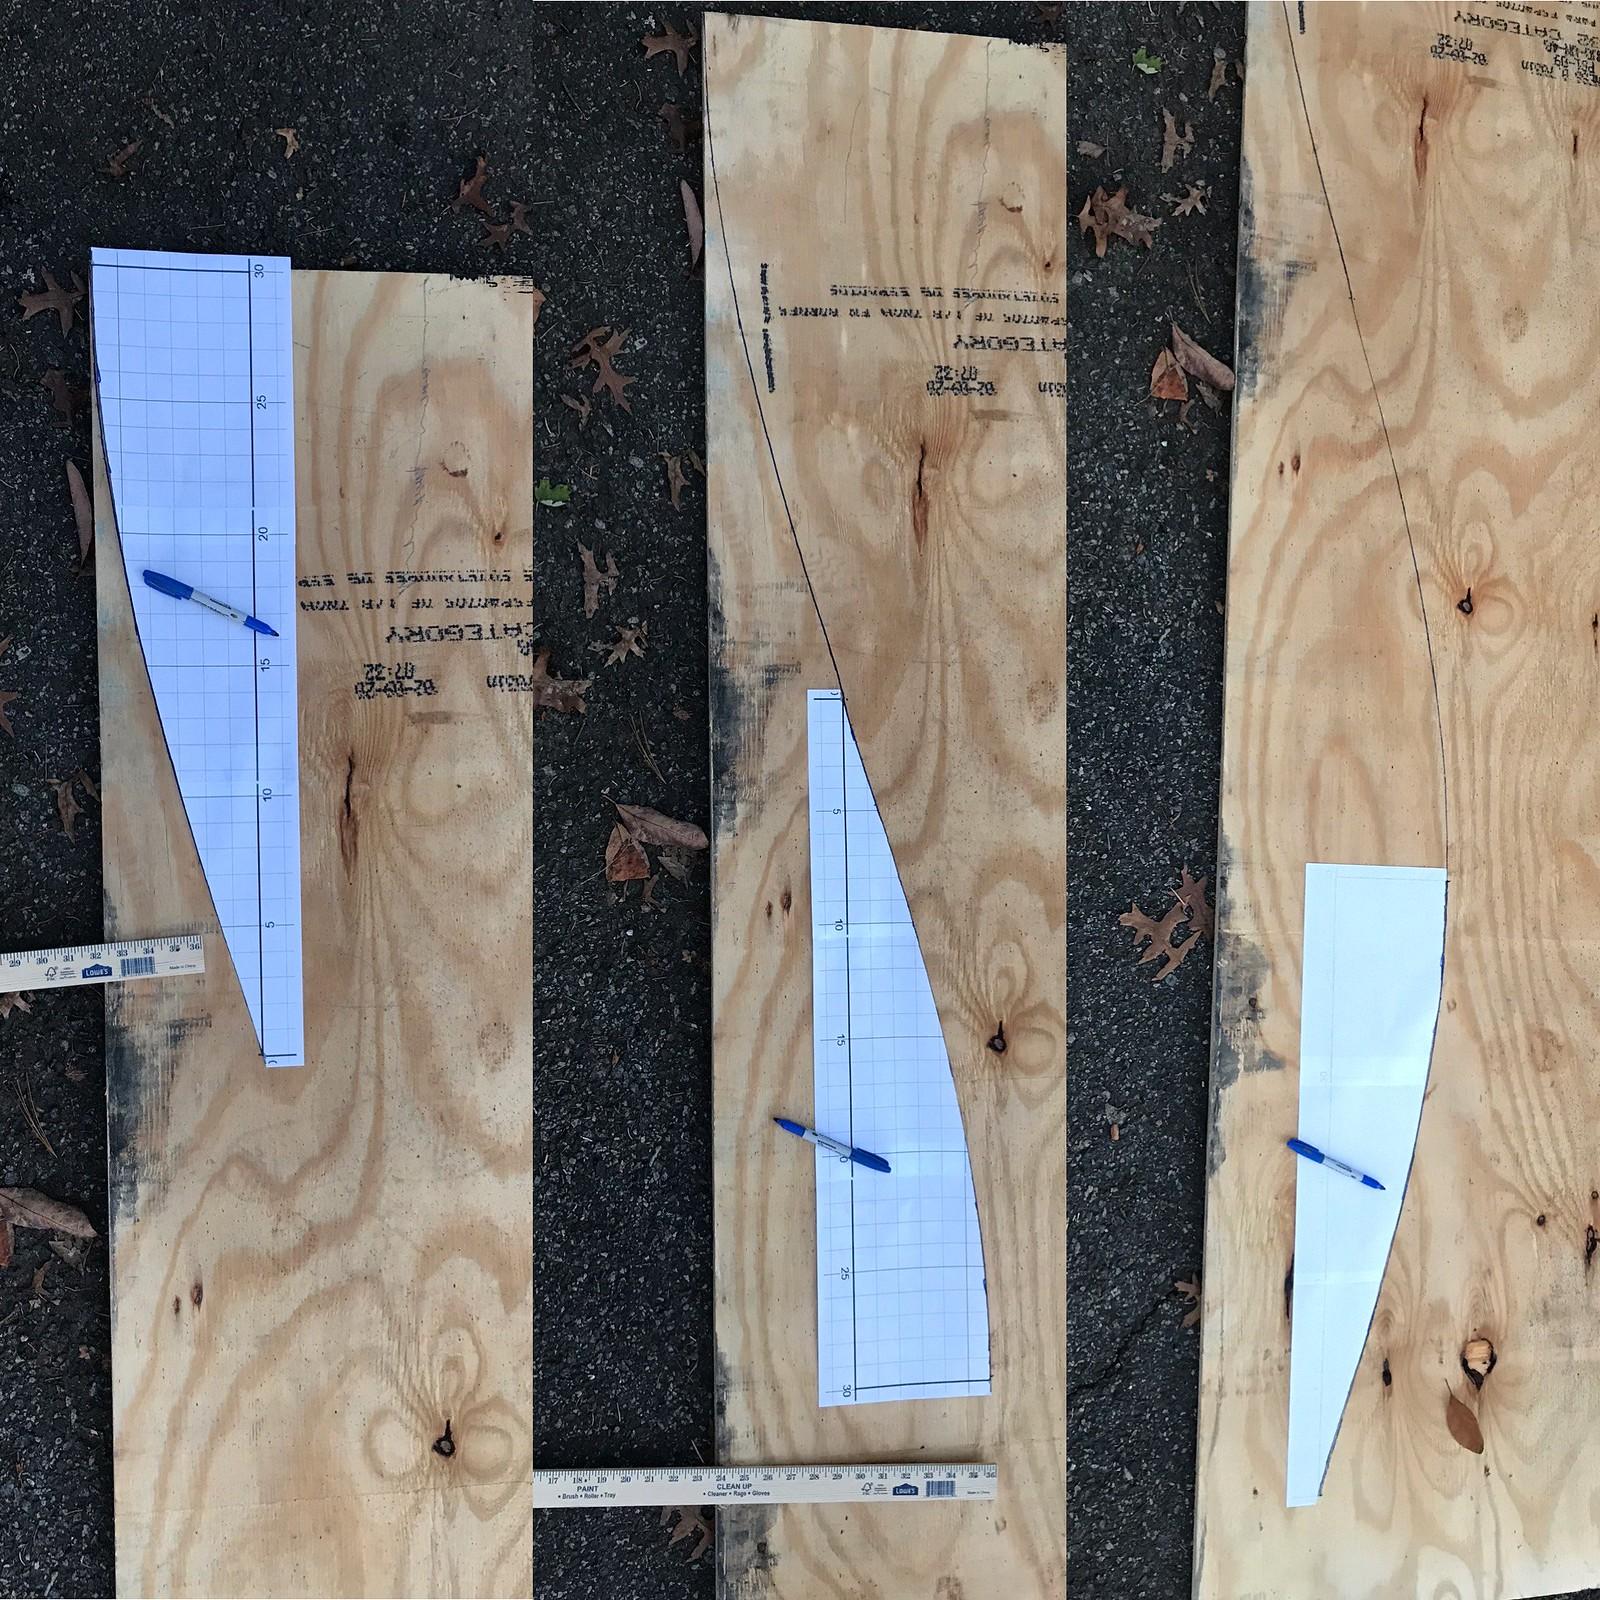 sine wave roller 1 ft tall 10 ft apart